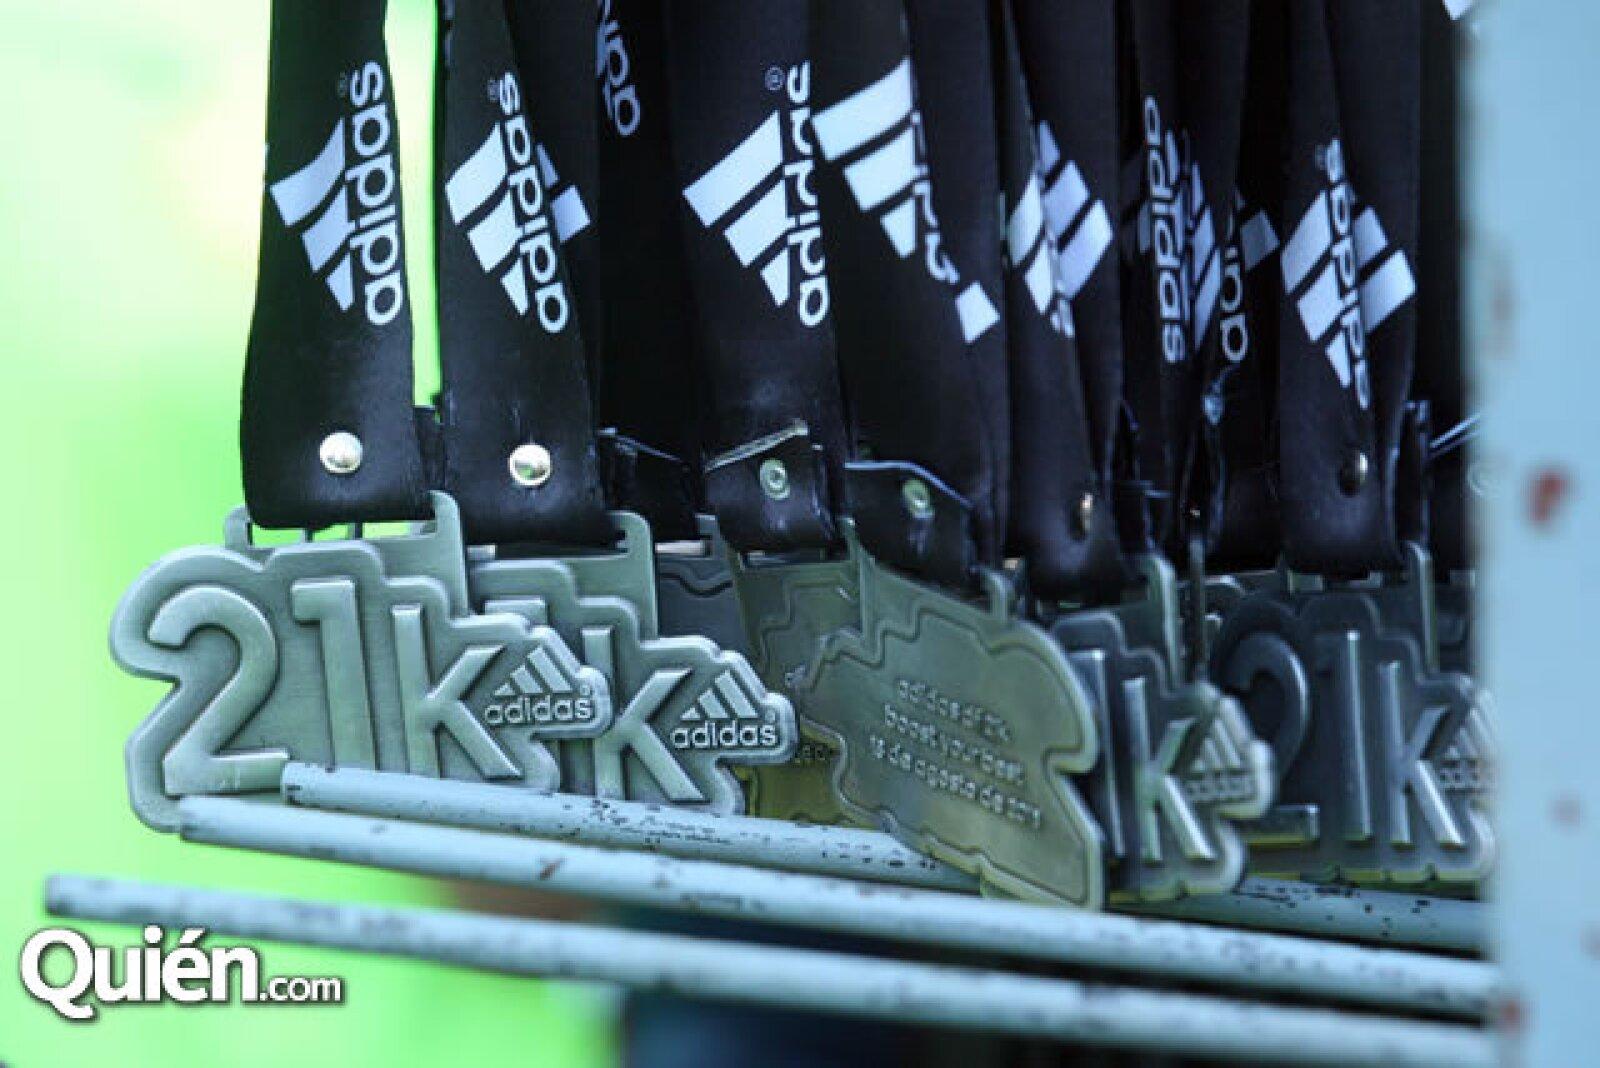 Medallas Adidas